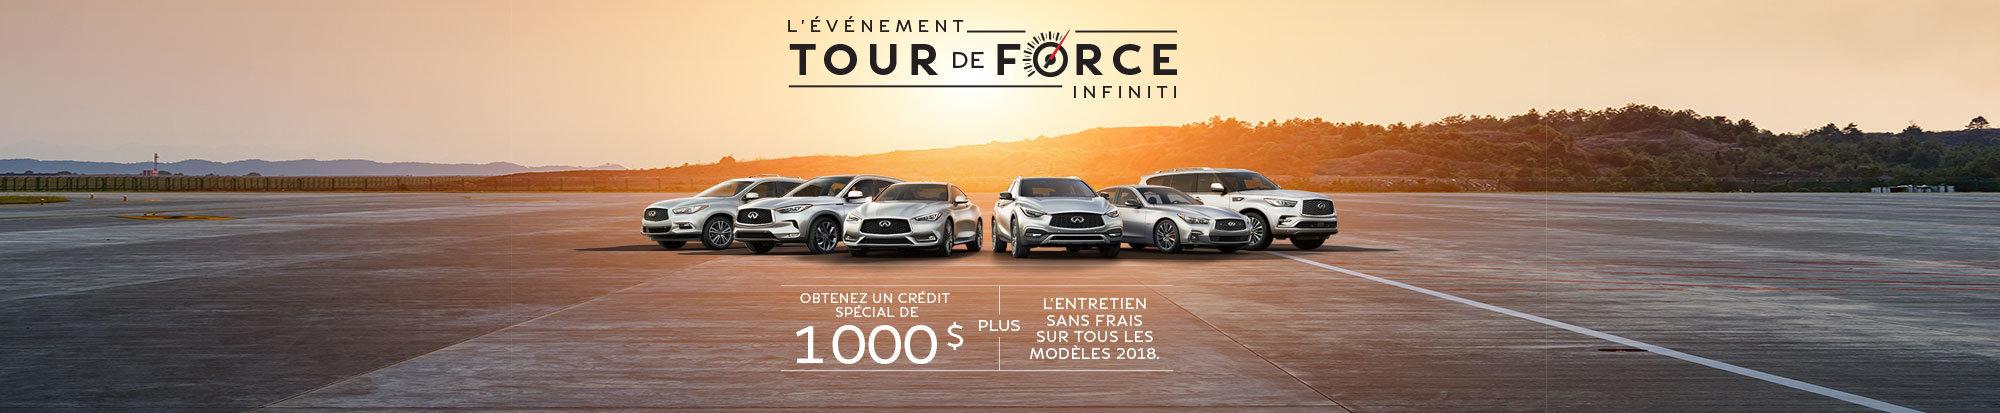 L'événement TOUR DE FORCE d'Infiniti Sherbrooke est en cours! web